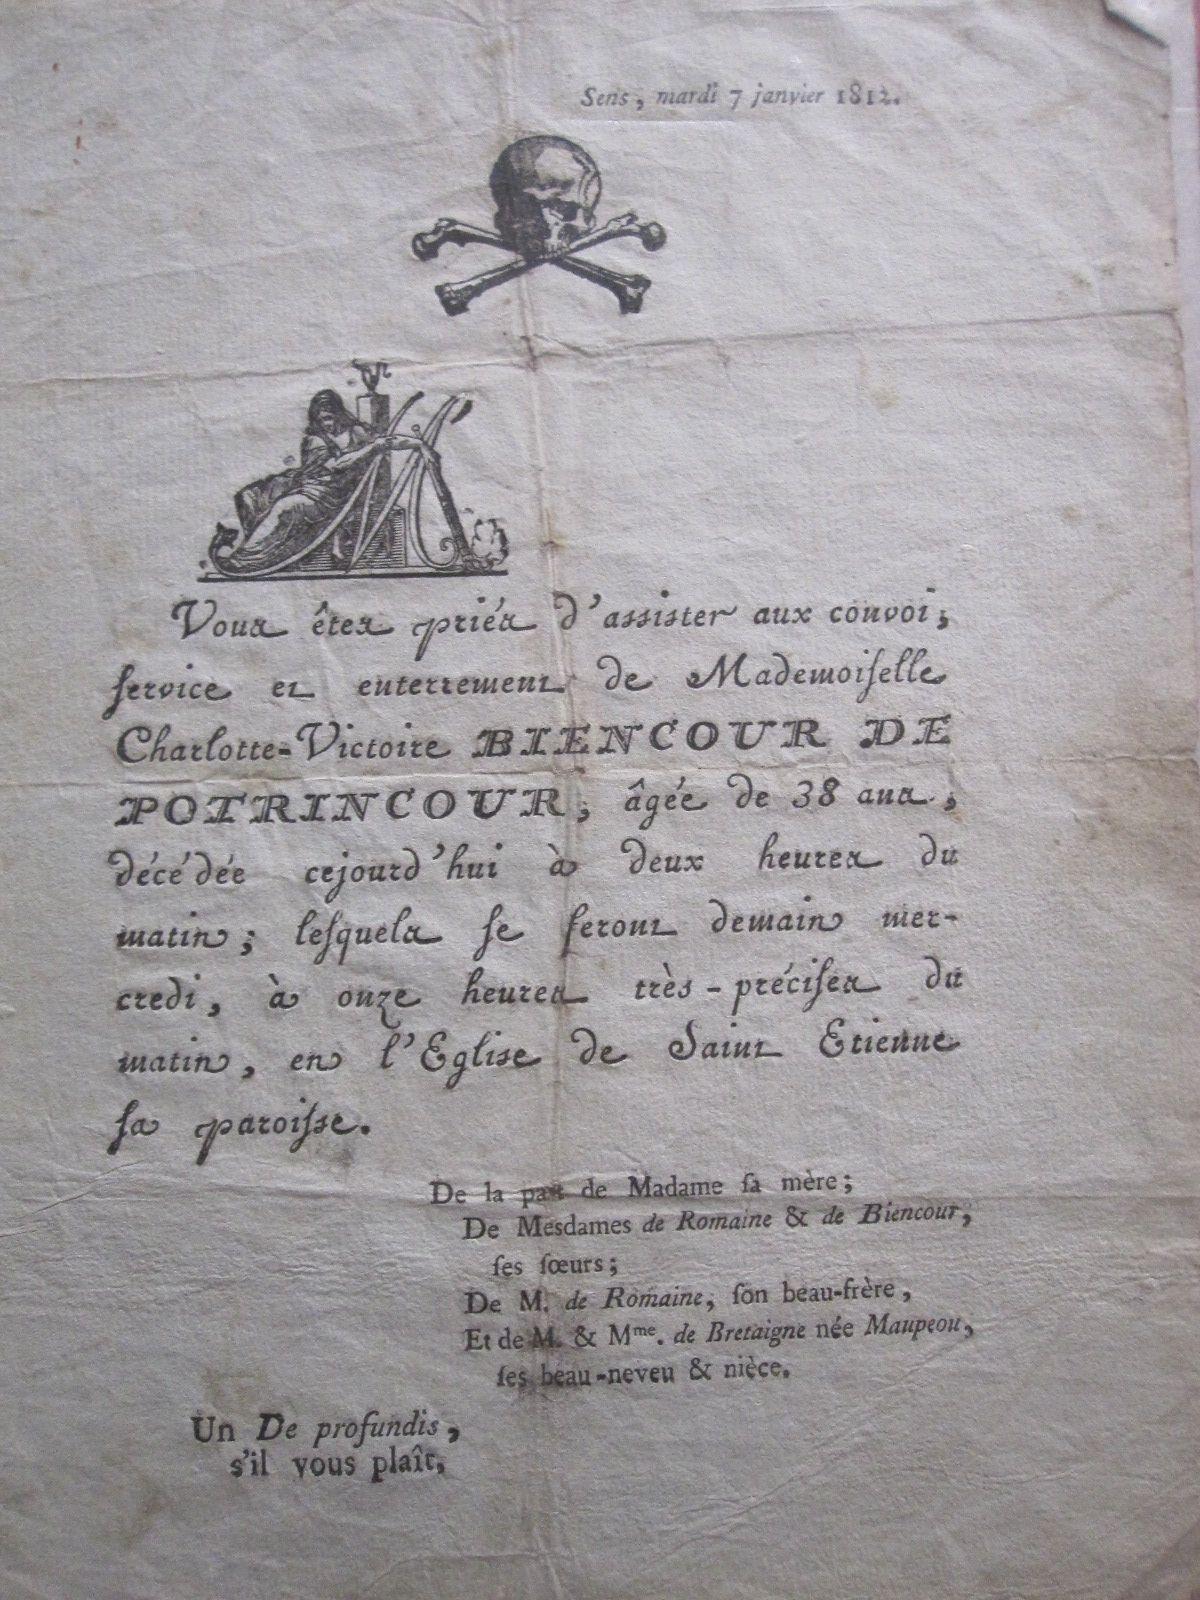 Pin De Ignacio Mart N Villena En Memento Coleccion Particular  # Muebles Memento